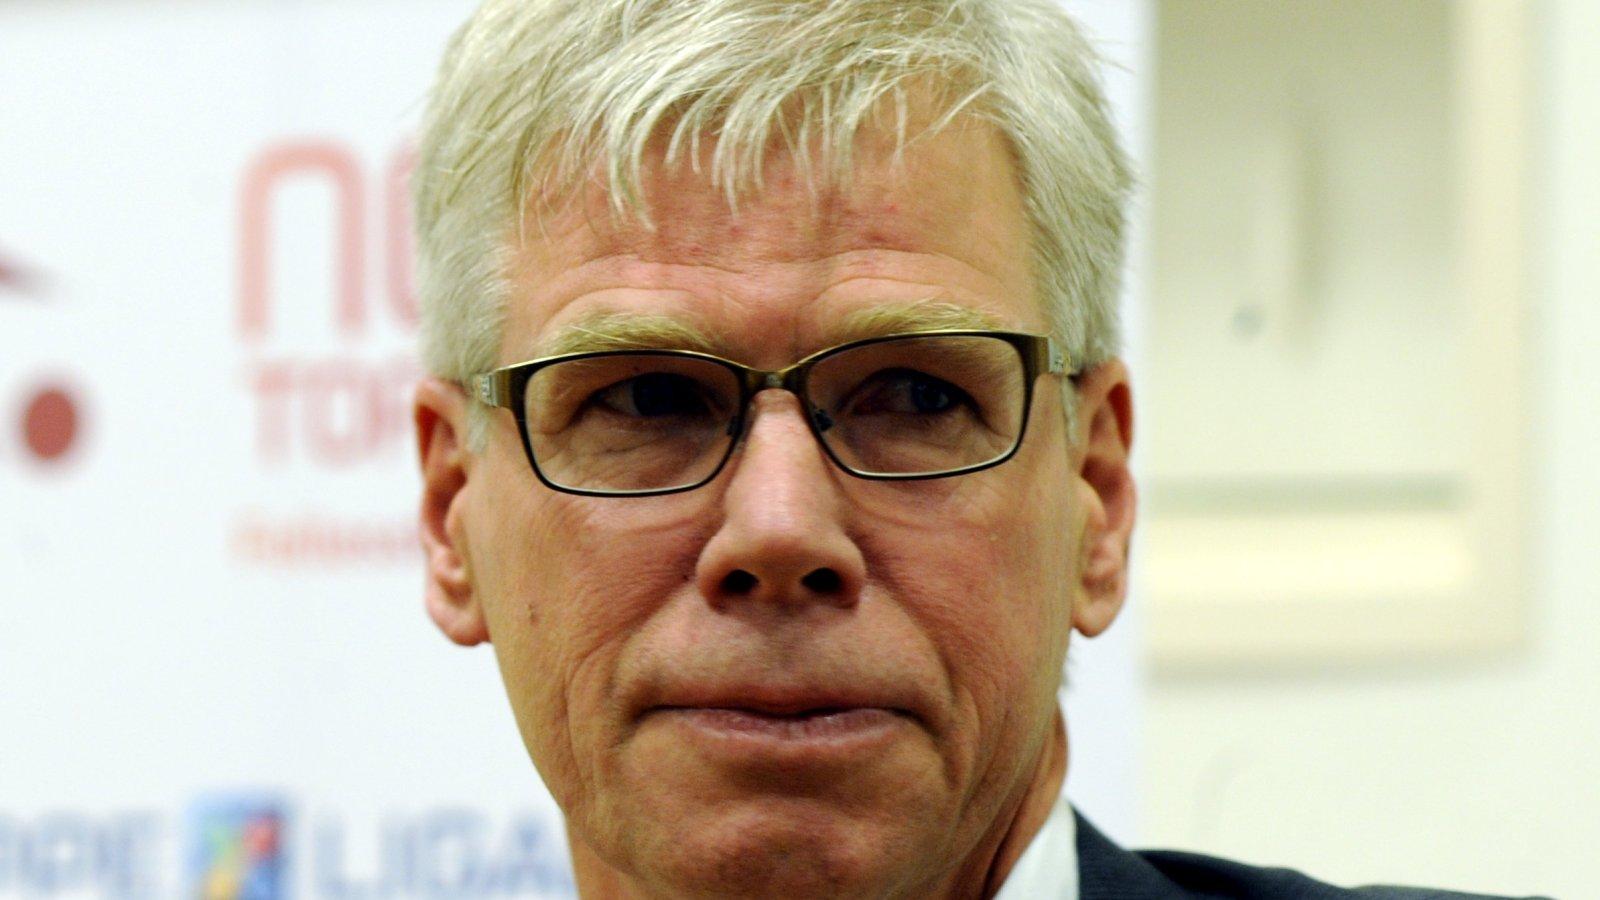 Leif Øverland